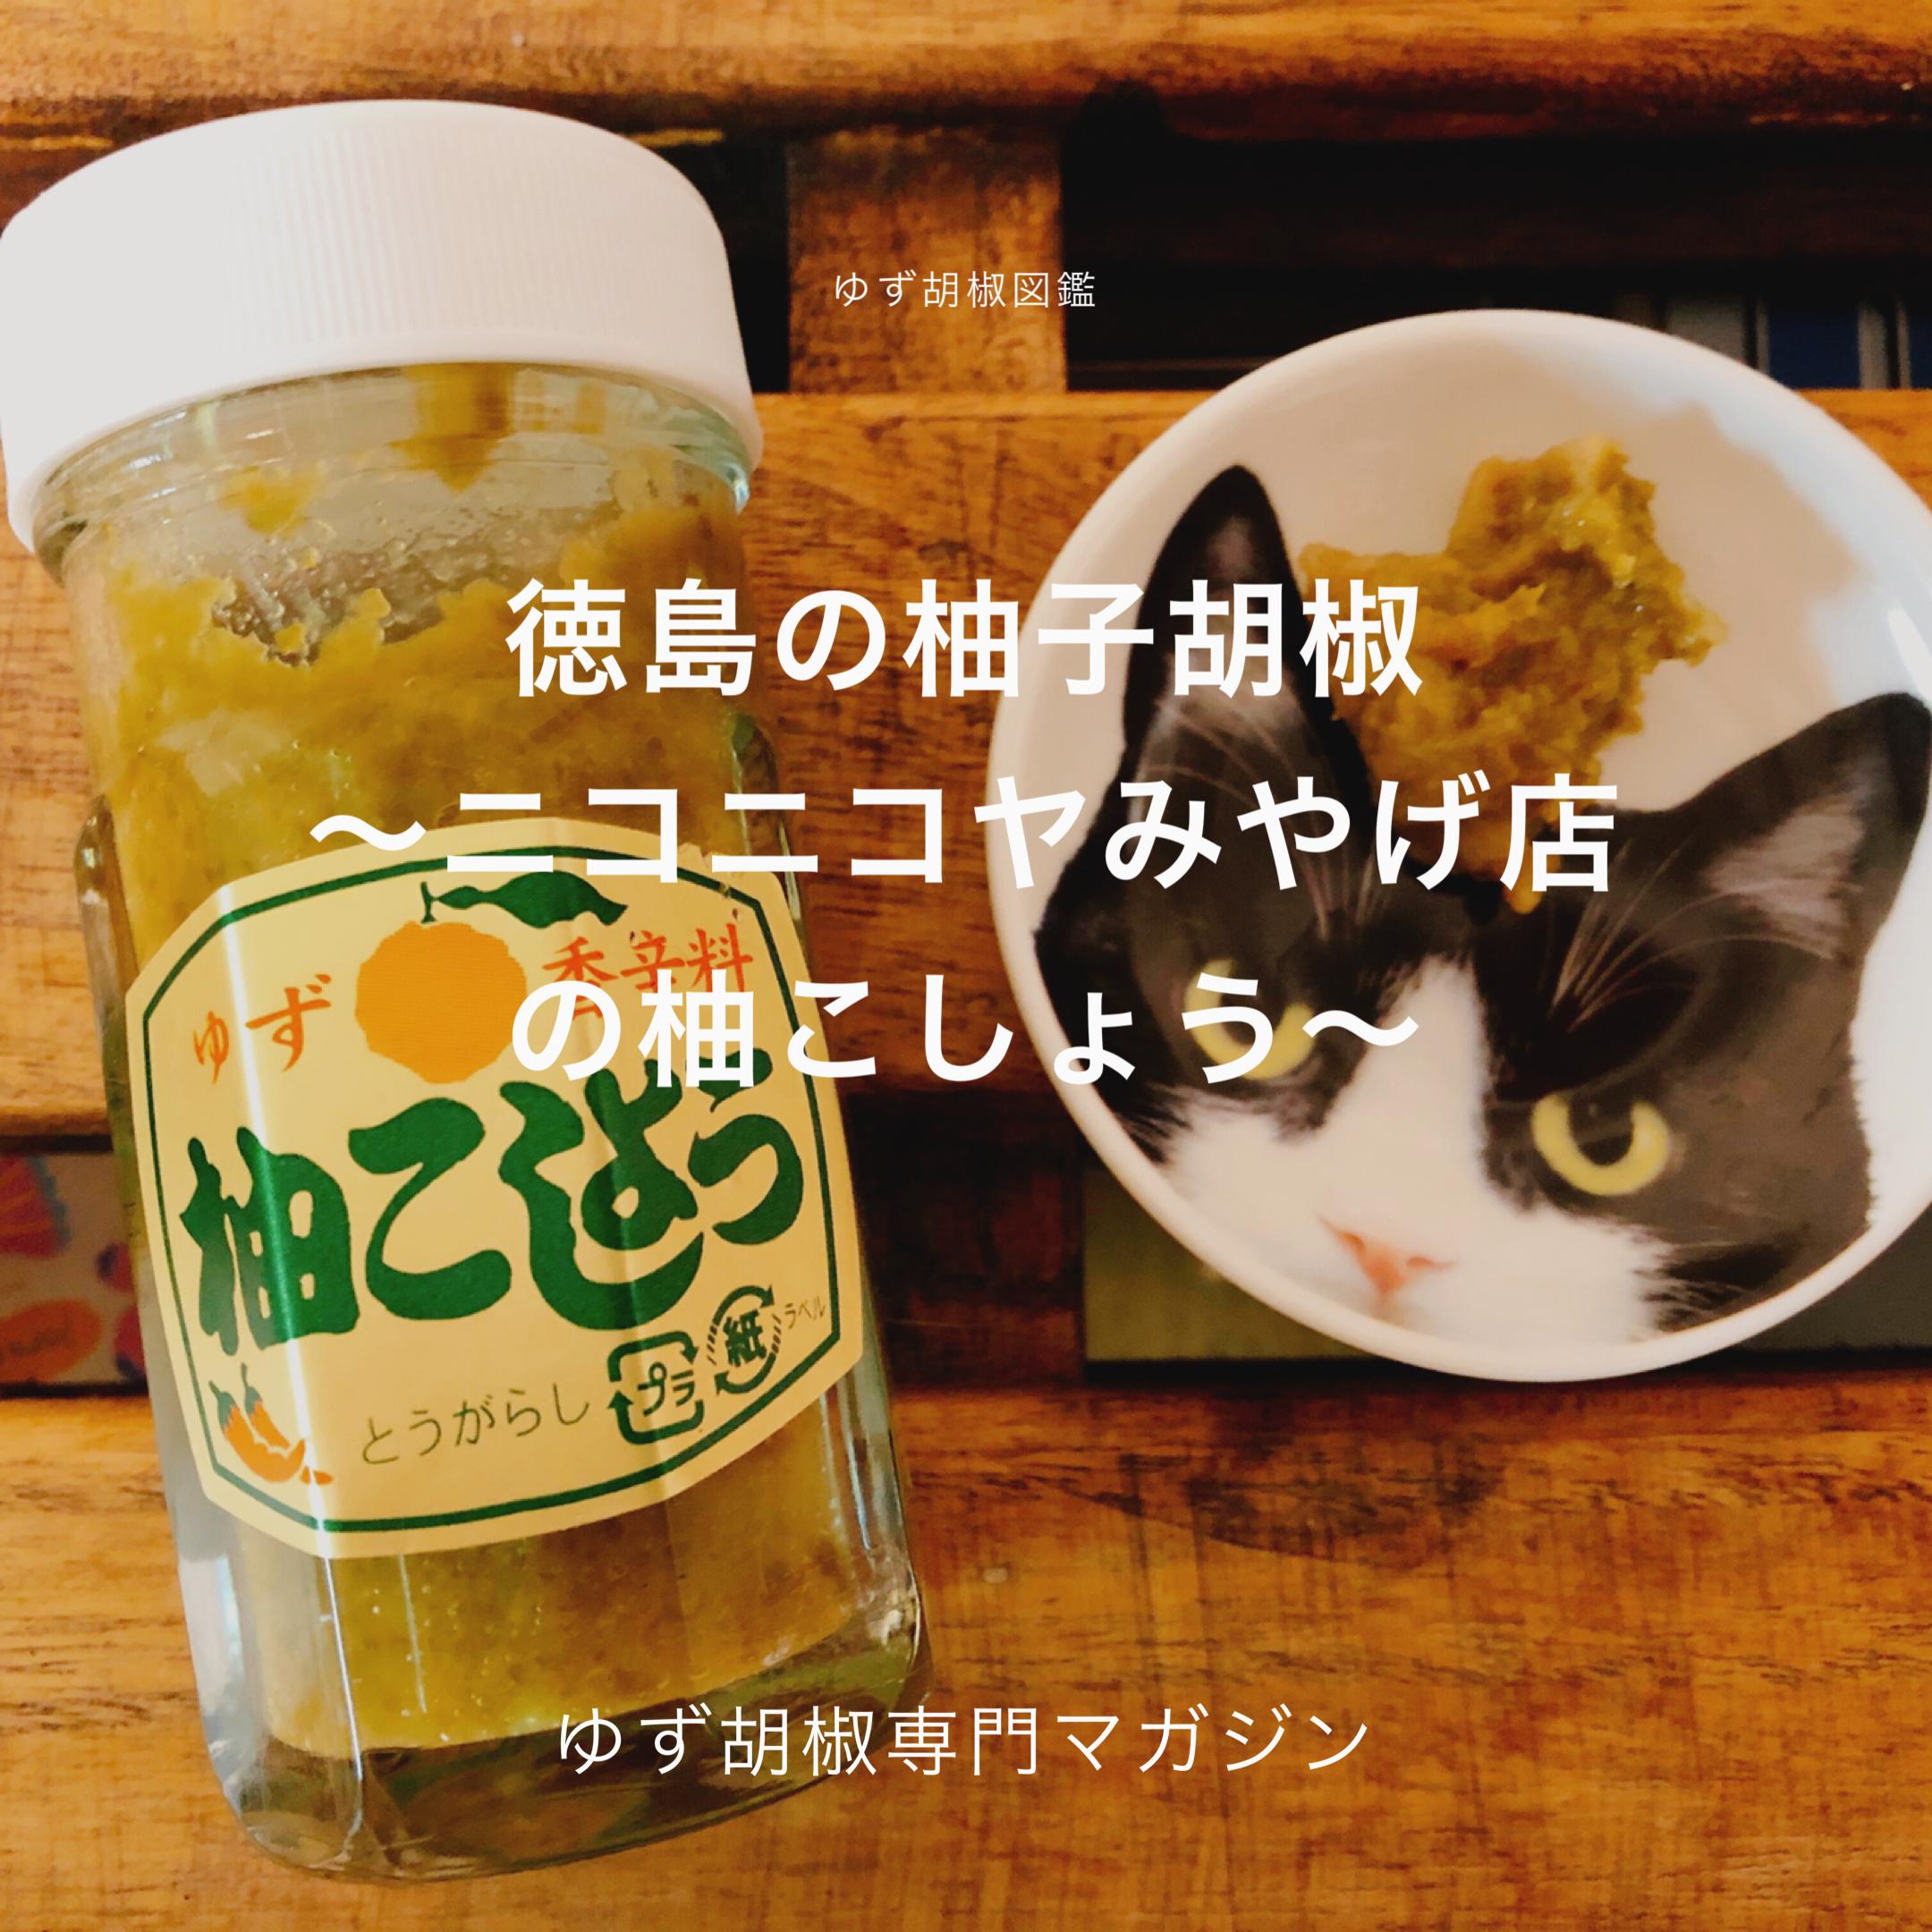 徳島の柚子胡椒〜ニコニコヤみやげ店の柚こしょう